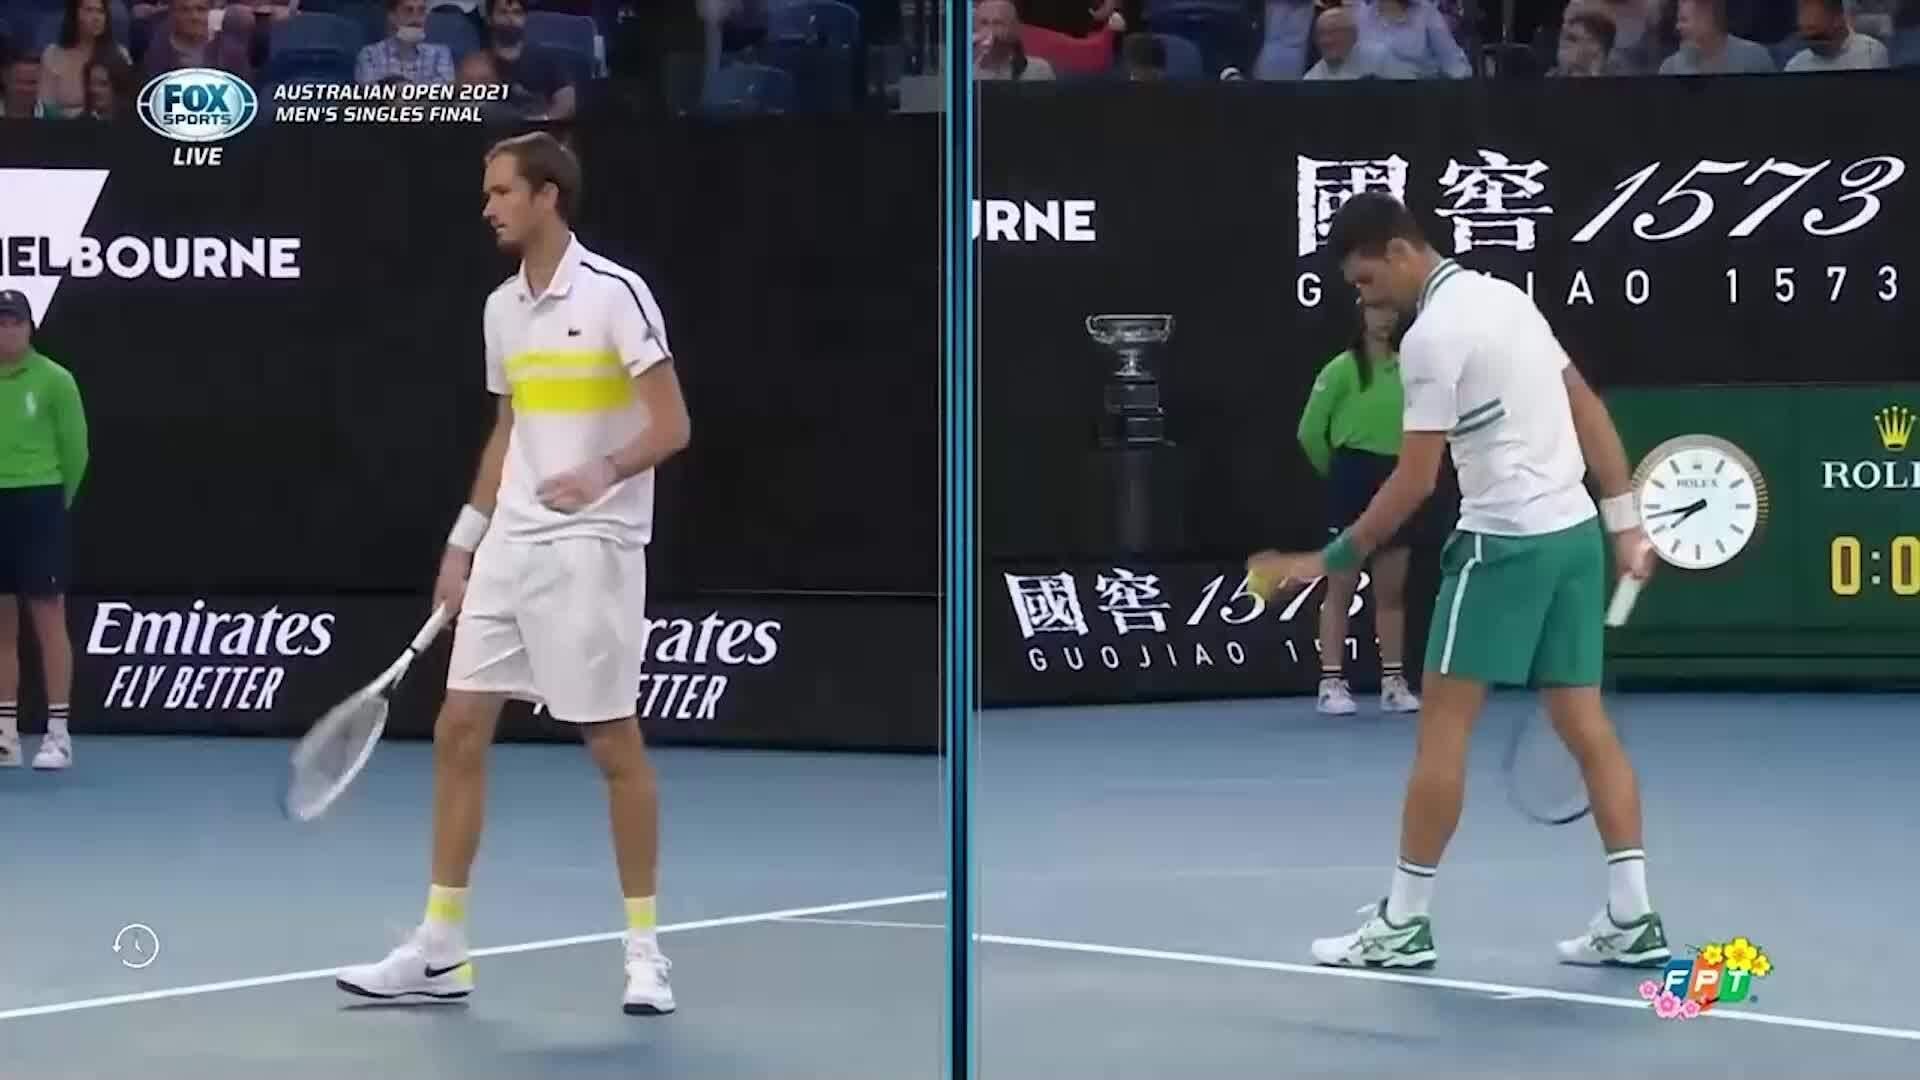 Djokovic 3-0 Medvedev